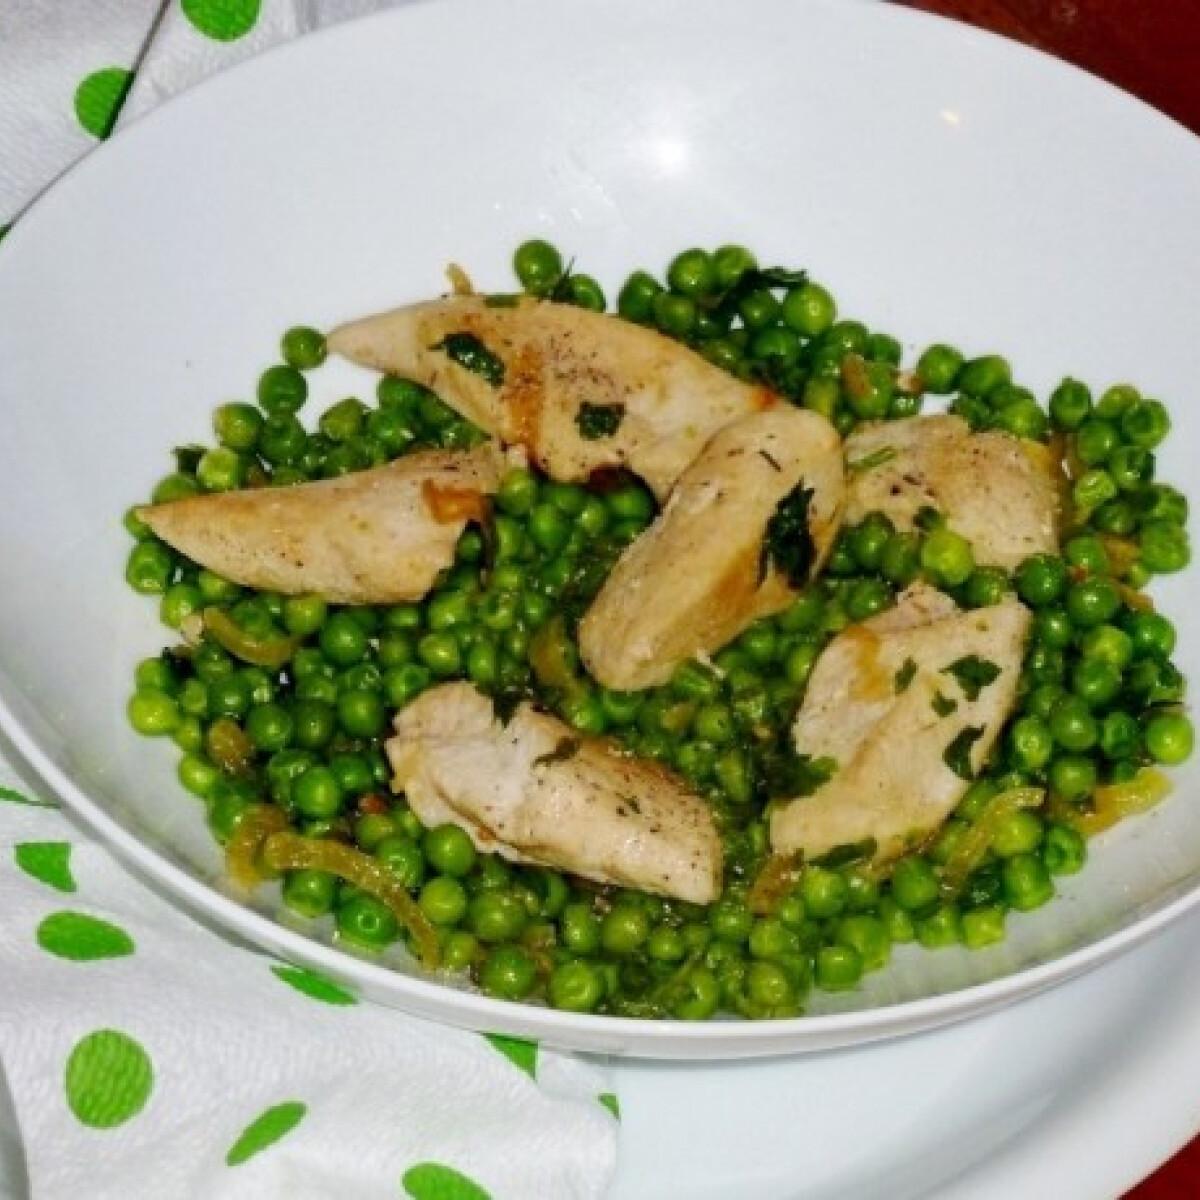 Ezen a képen: Hagymás pirított csirkemellfilé zöldborsóval